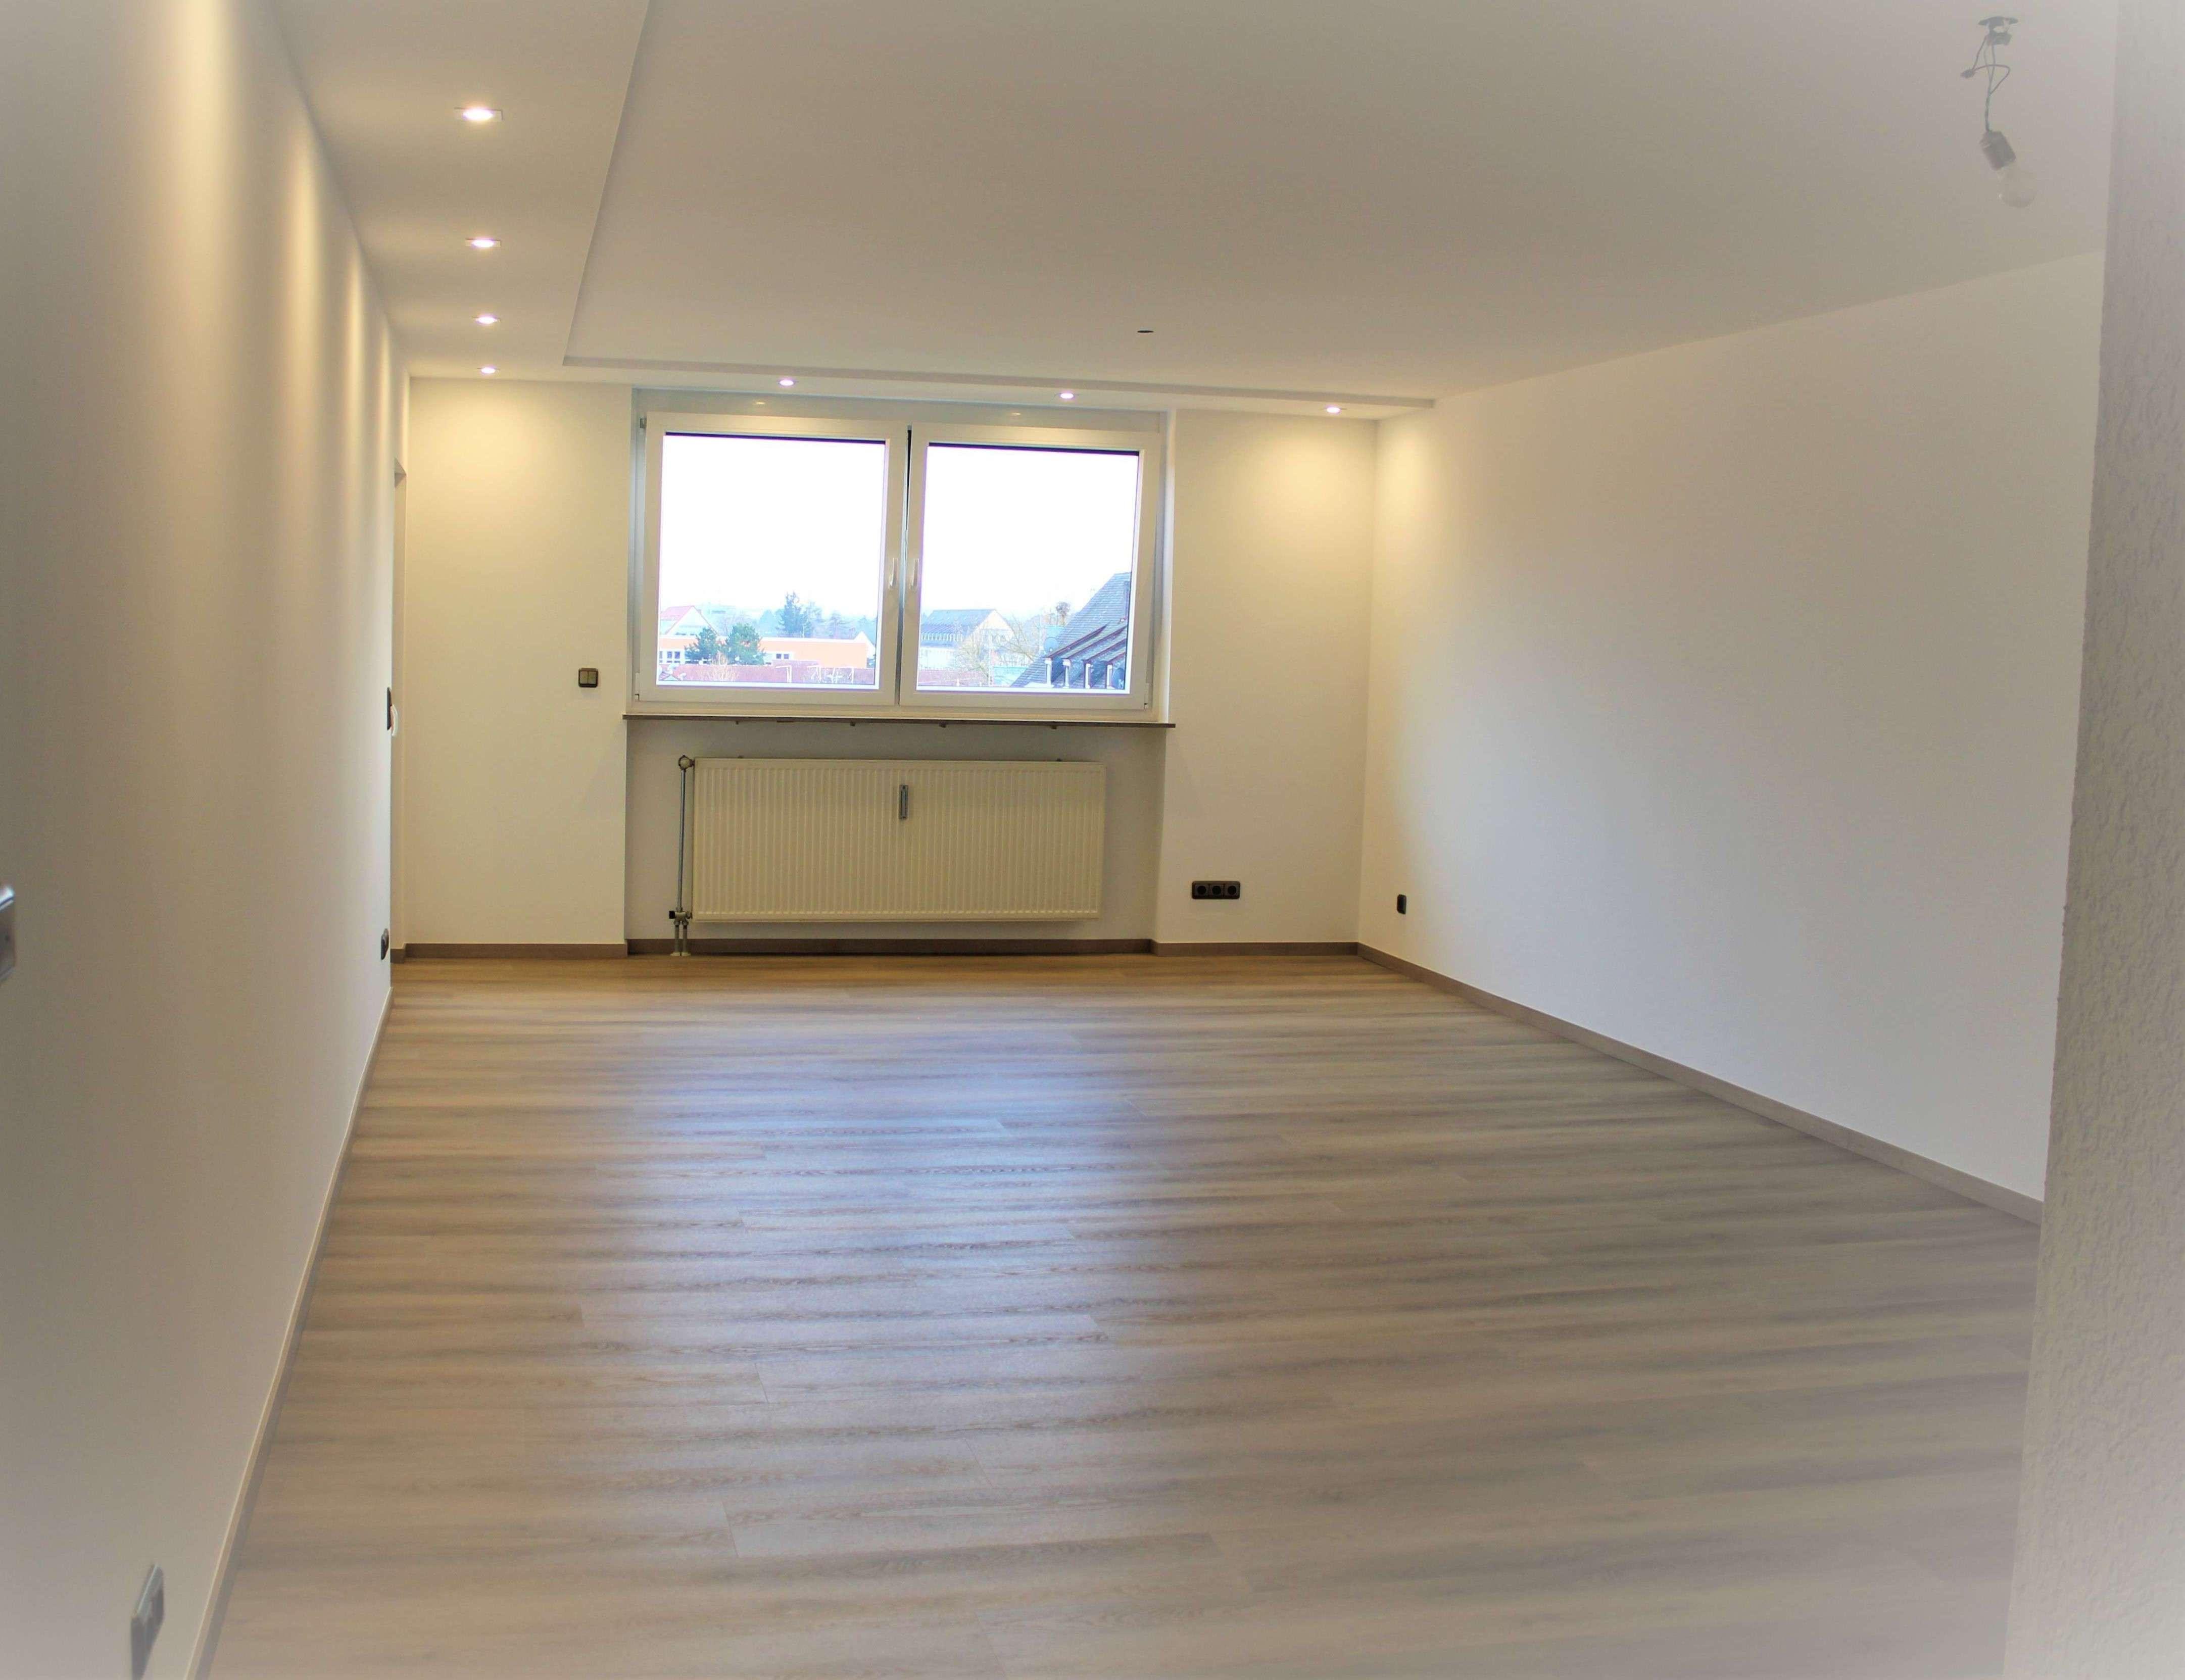 Modernisierte, helle 3-Zimmer-Wohnung mit Balkon in ruhiger Südstadt-Lage in